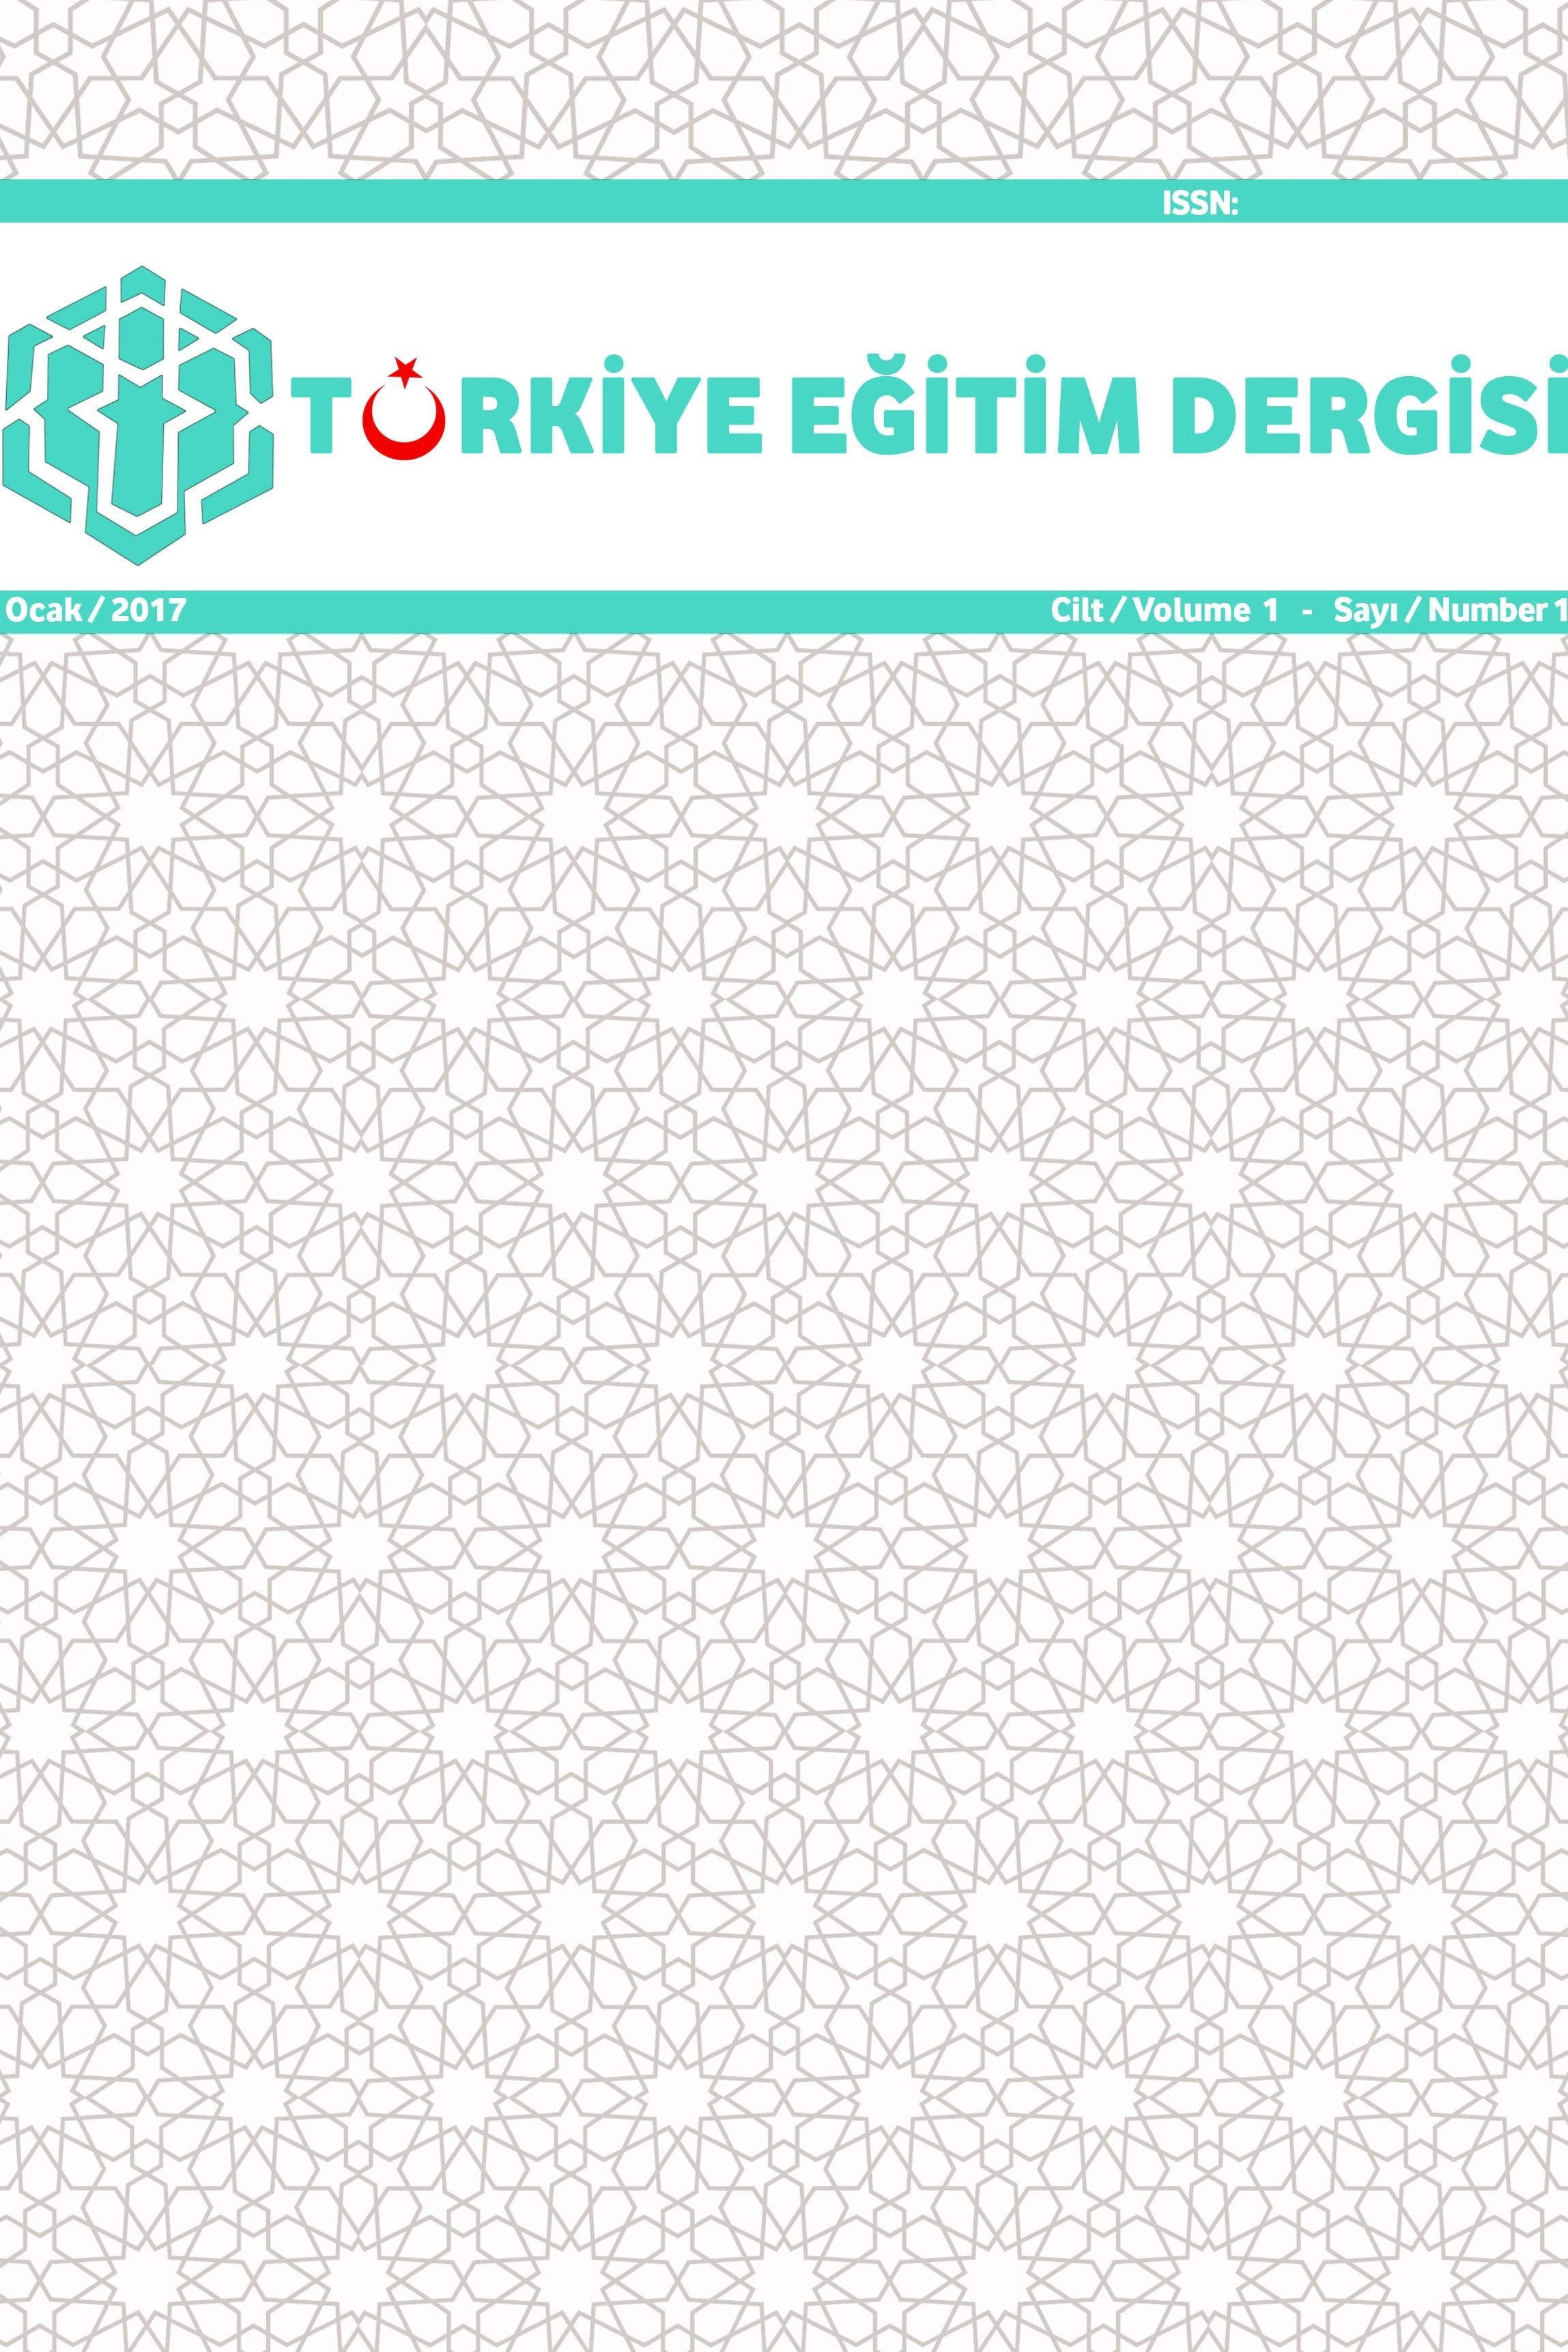 Türkiye Eğitim Dergisi